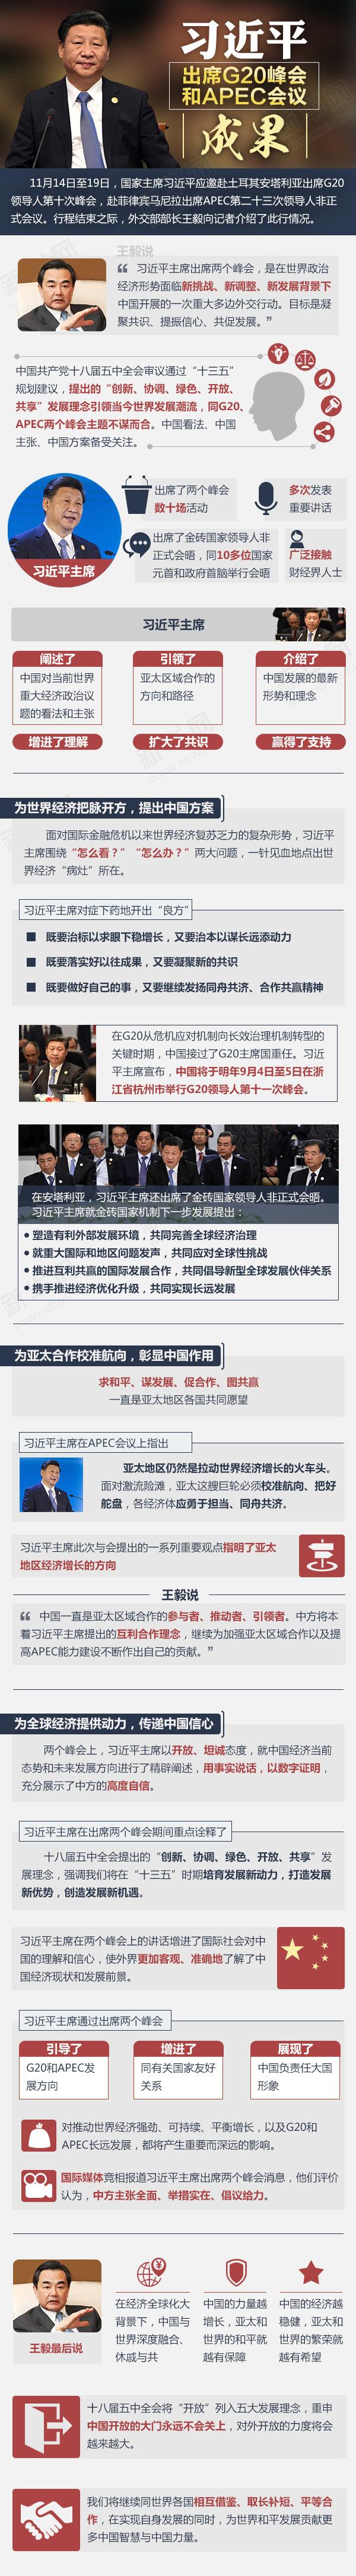 习近平出席G20峰会和APEC会议成果